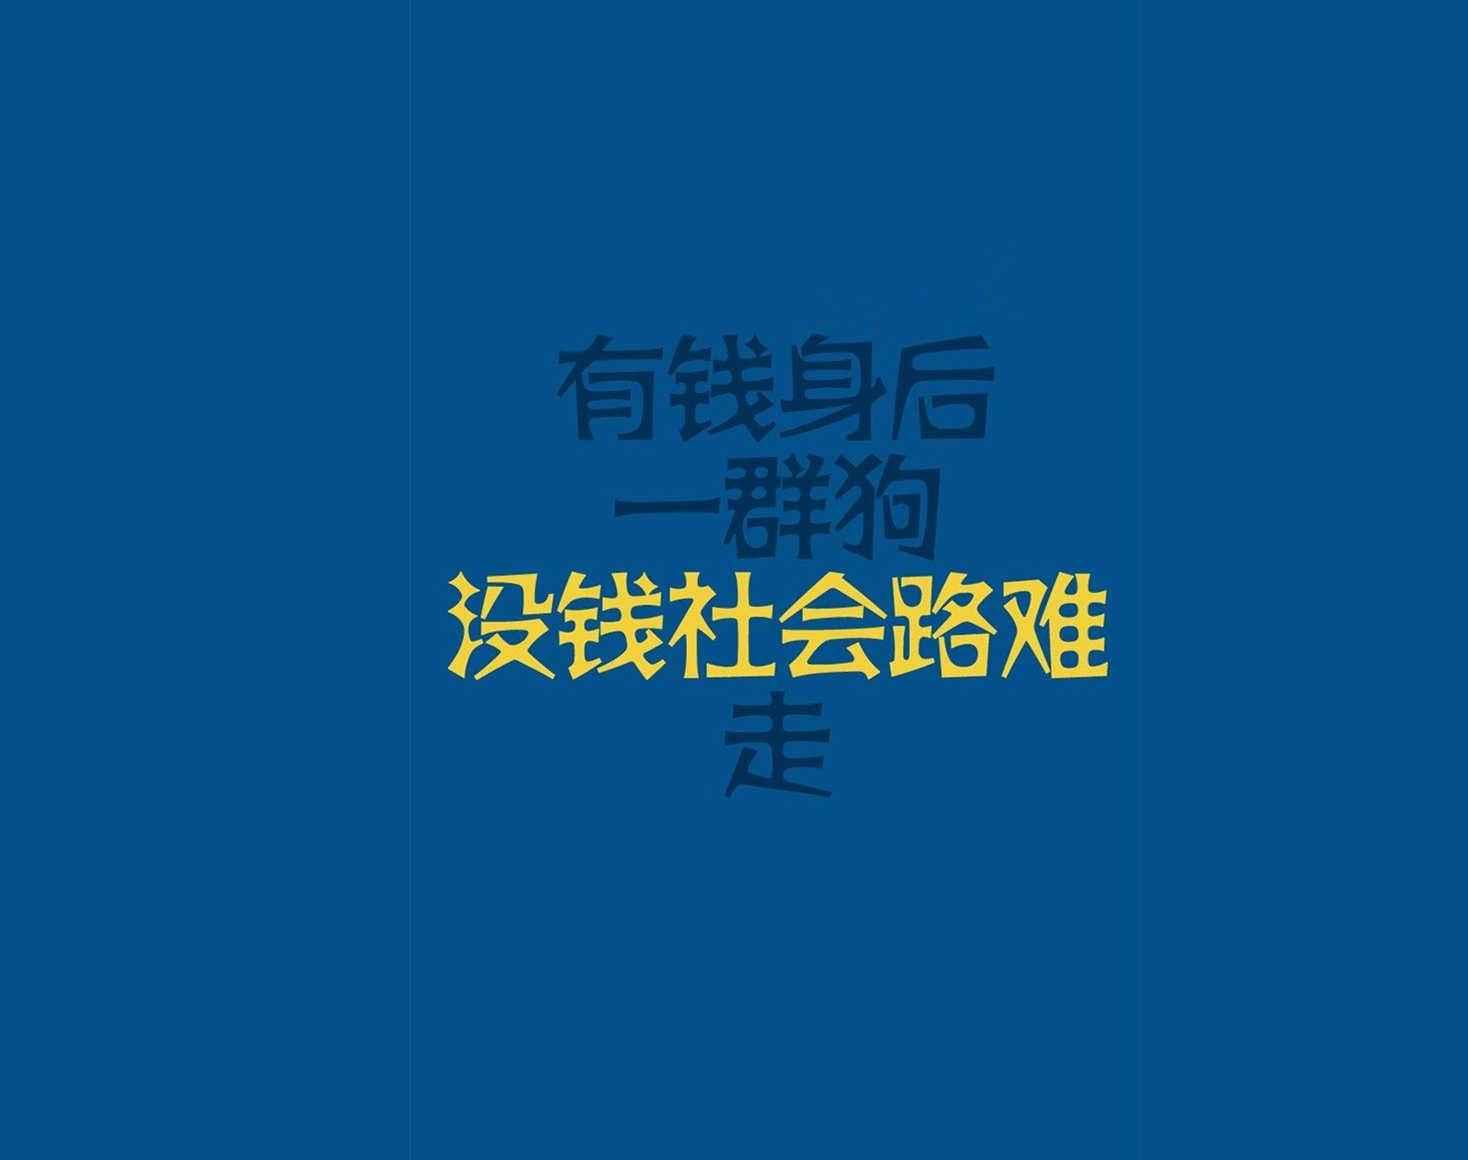 表示兜里没钱困难图片_WWW.QQYA.COM